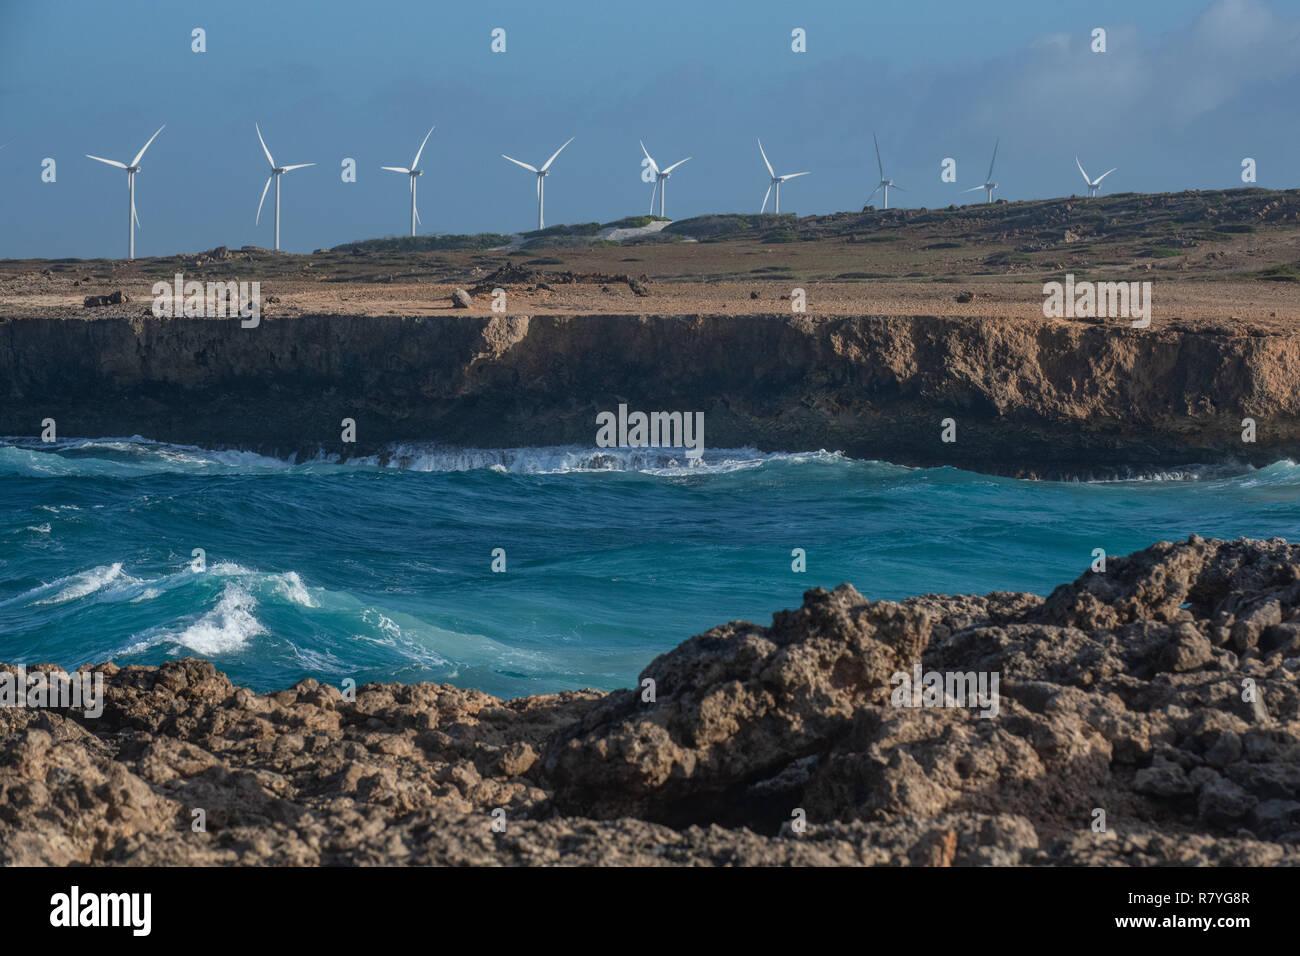 Granja de molinos de viento en el Parque Nacional Arikok Aruba - Esfuerzo de sostenibilidad de la energía eólica: aerogeneradores forman un parque eólico para aumentar las energías renovables Imagen De Stock